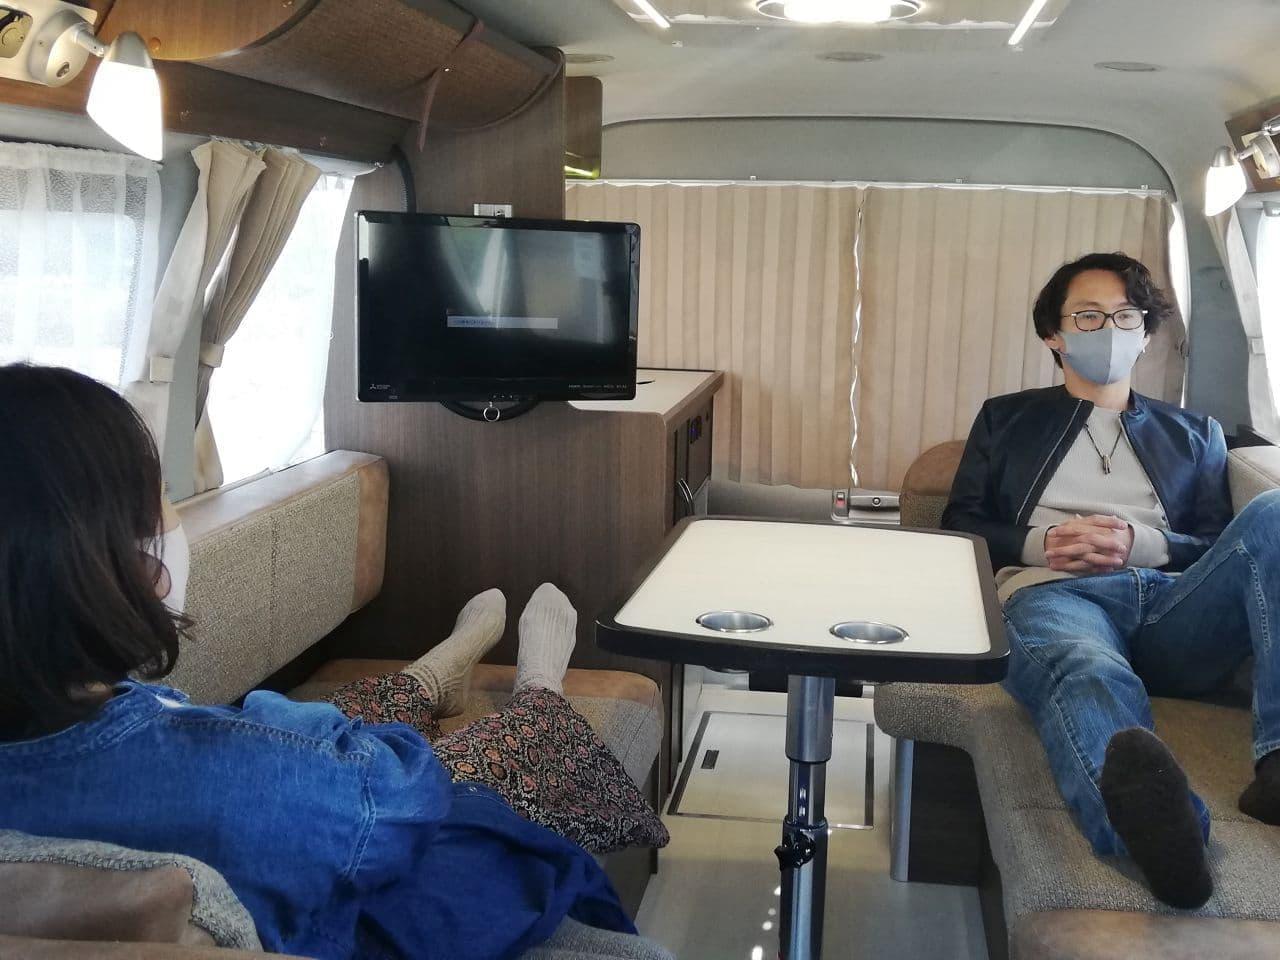 二人暮らしのキャンピングカー「レクビィ・プラスMR」に 名古屋人のための「キャンピングカーランド名古屋1周年車」